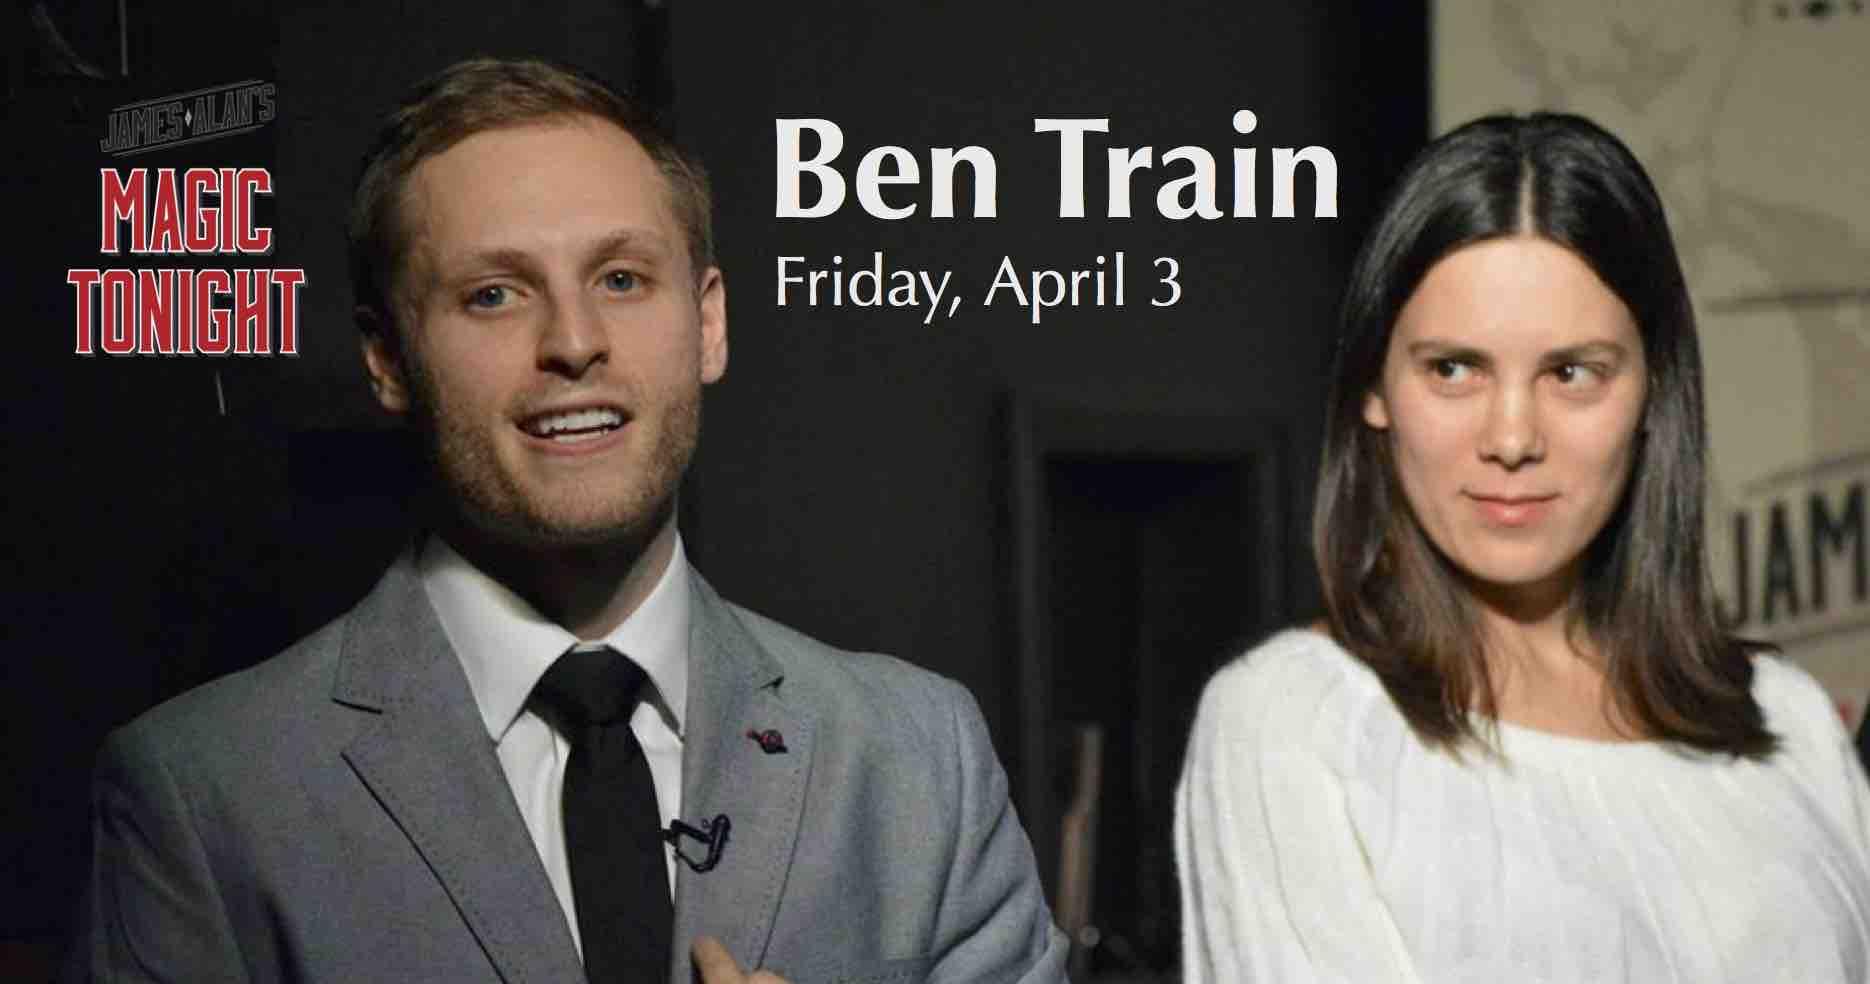 Apr 3 Ben Train